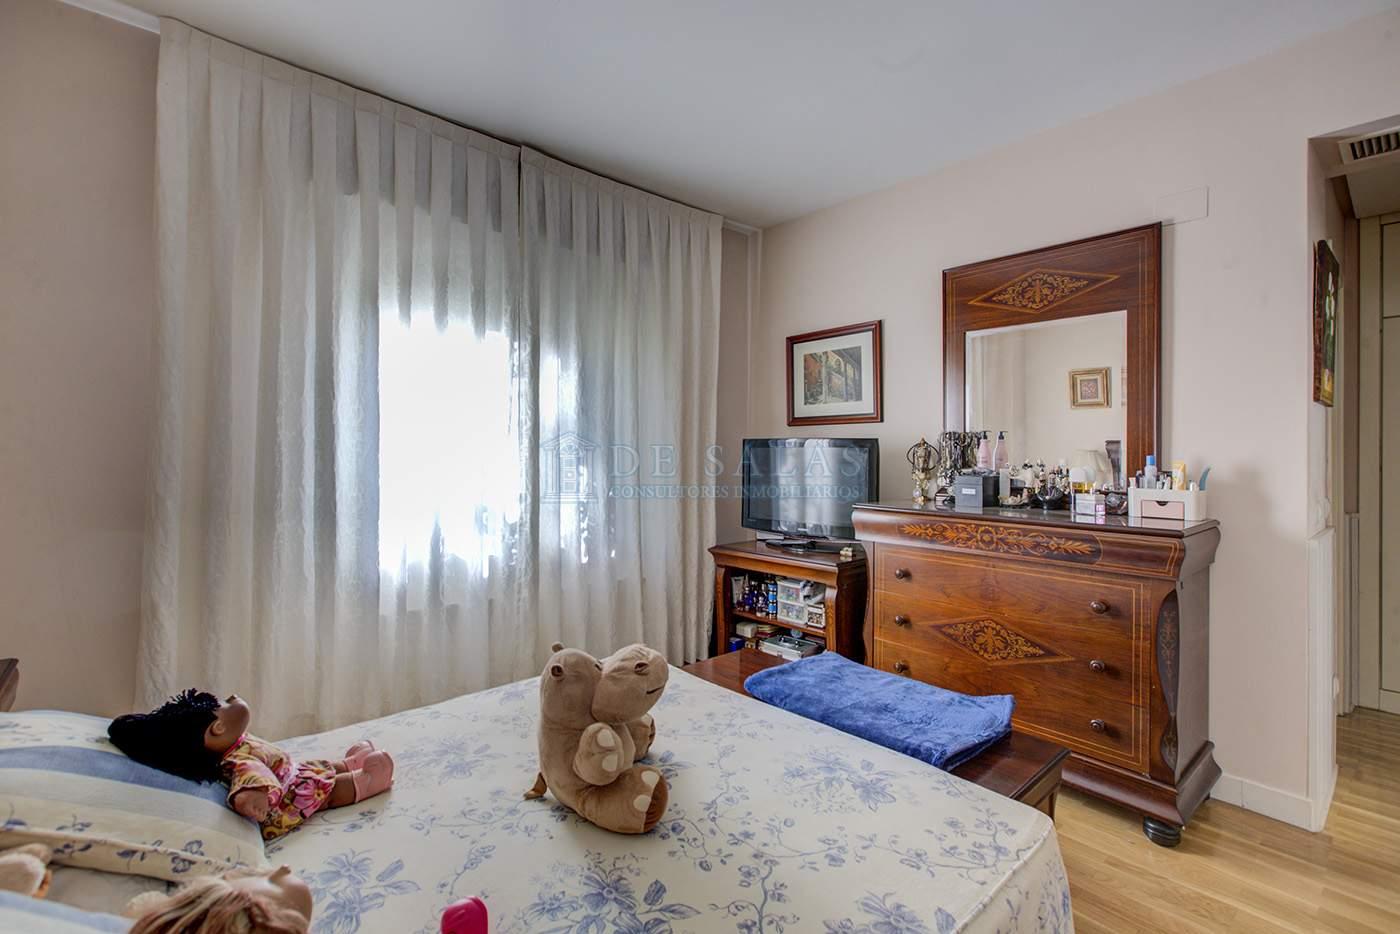 Dormitorio-IMG_4238_39_40 copia Flat El Encinar de los Reyes